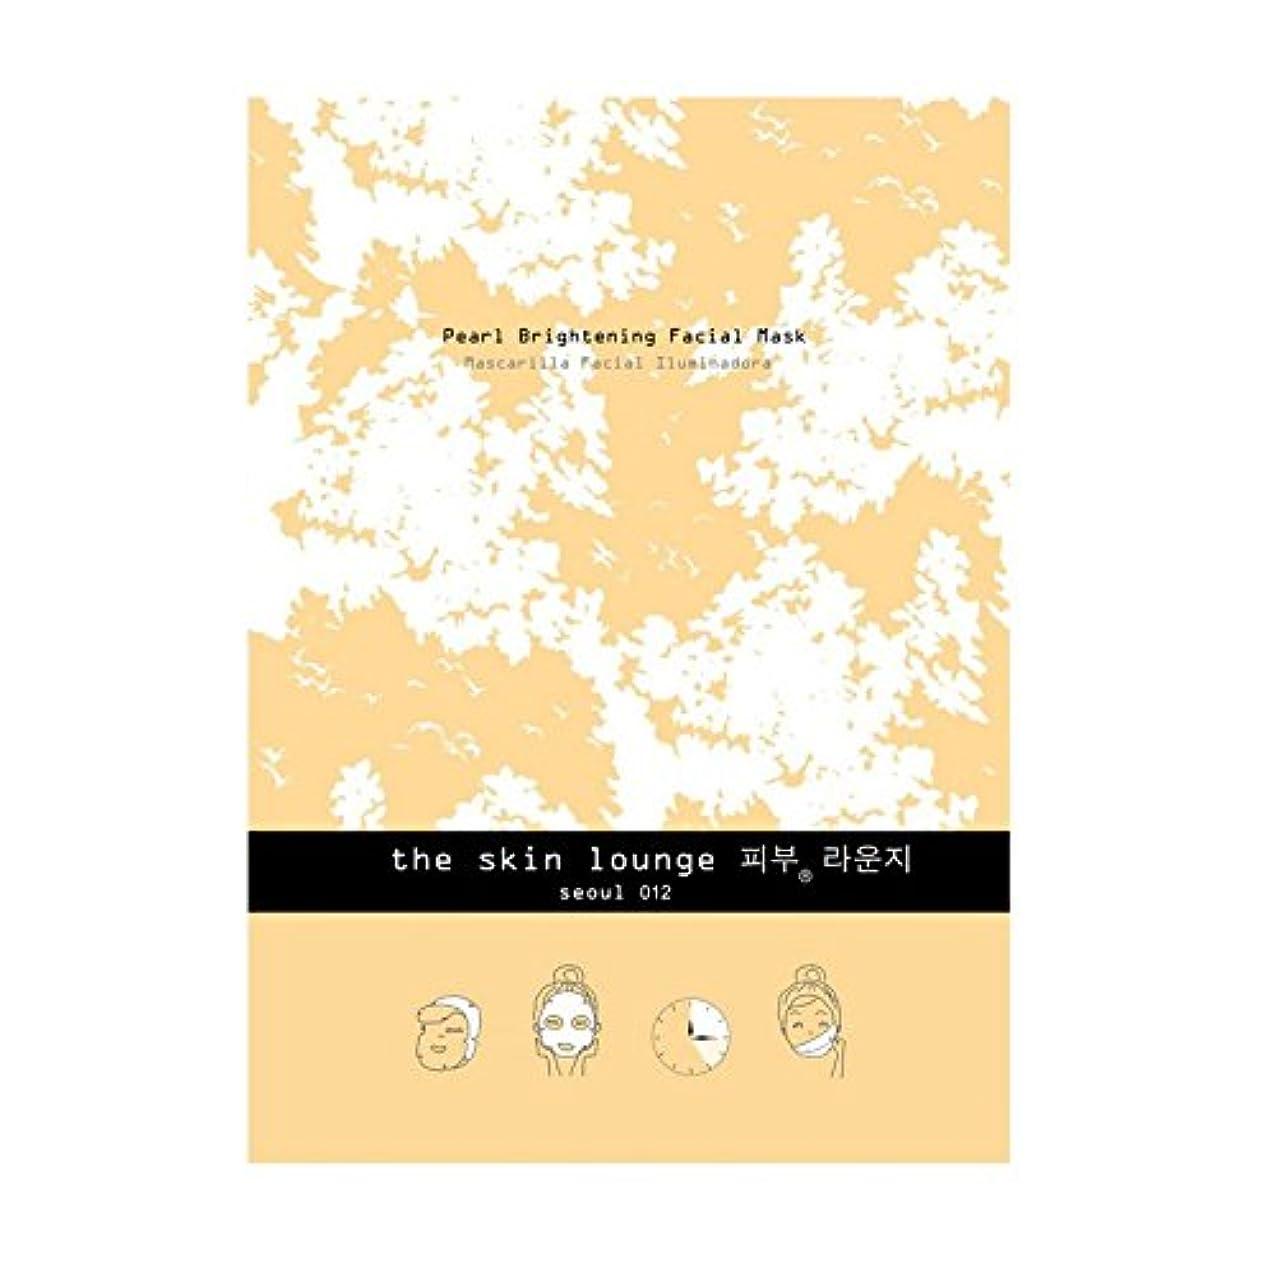 観察クルー椅子The Skin Lounge Pearl Brightening Single Cellulose Mask - 単一セルロースマスクを明るく皮膚ラウンジ真珠 [並行輸入品]